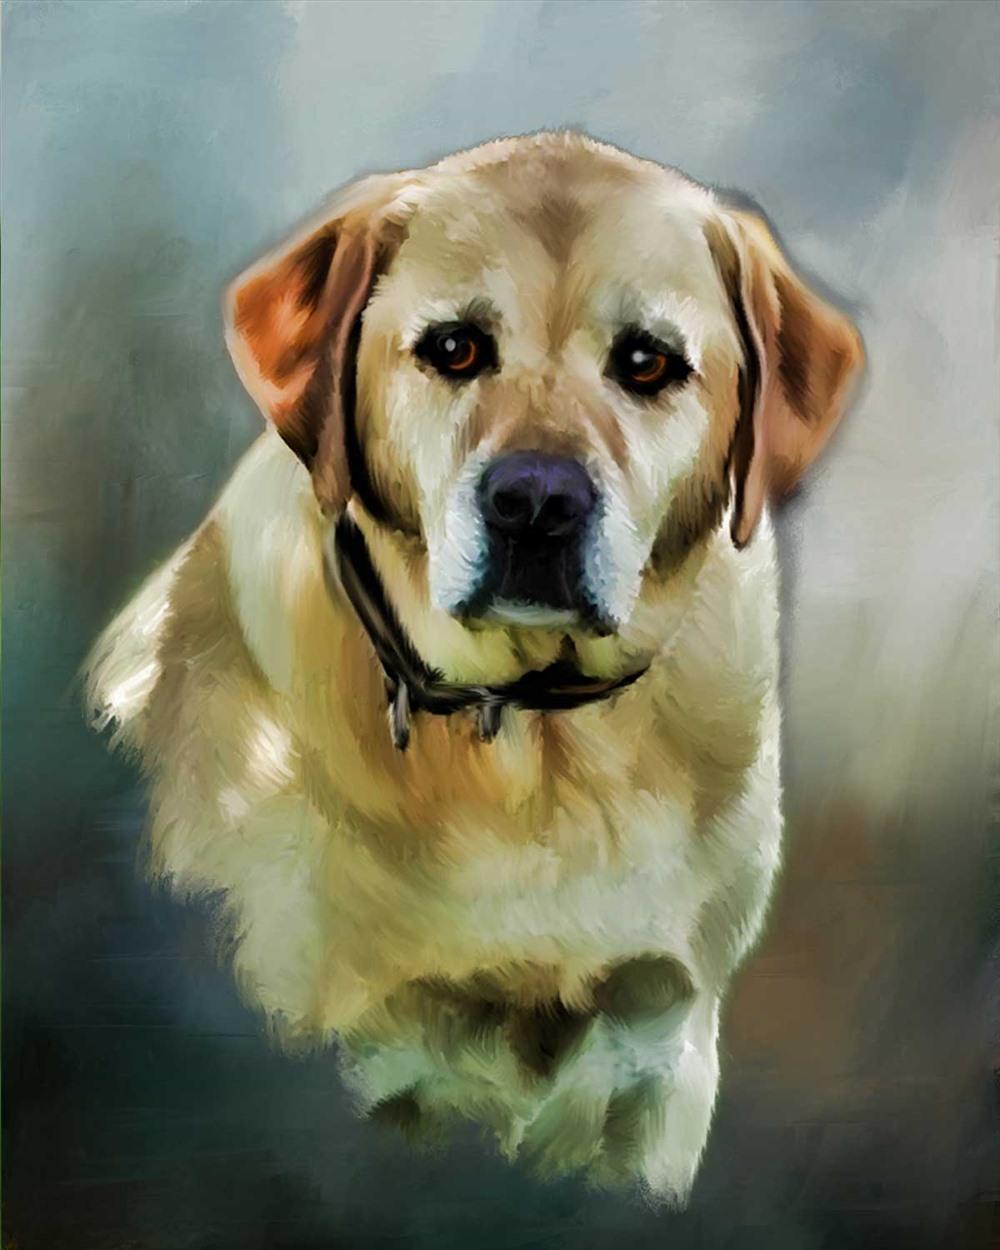 Chó luôn được coi là người bạn thủy chung của mọi dân tộc (ảnh nguồn: apaintedpet.com).